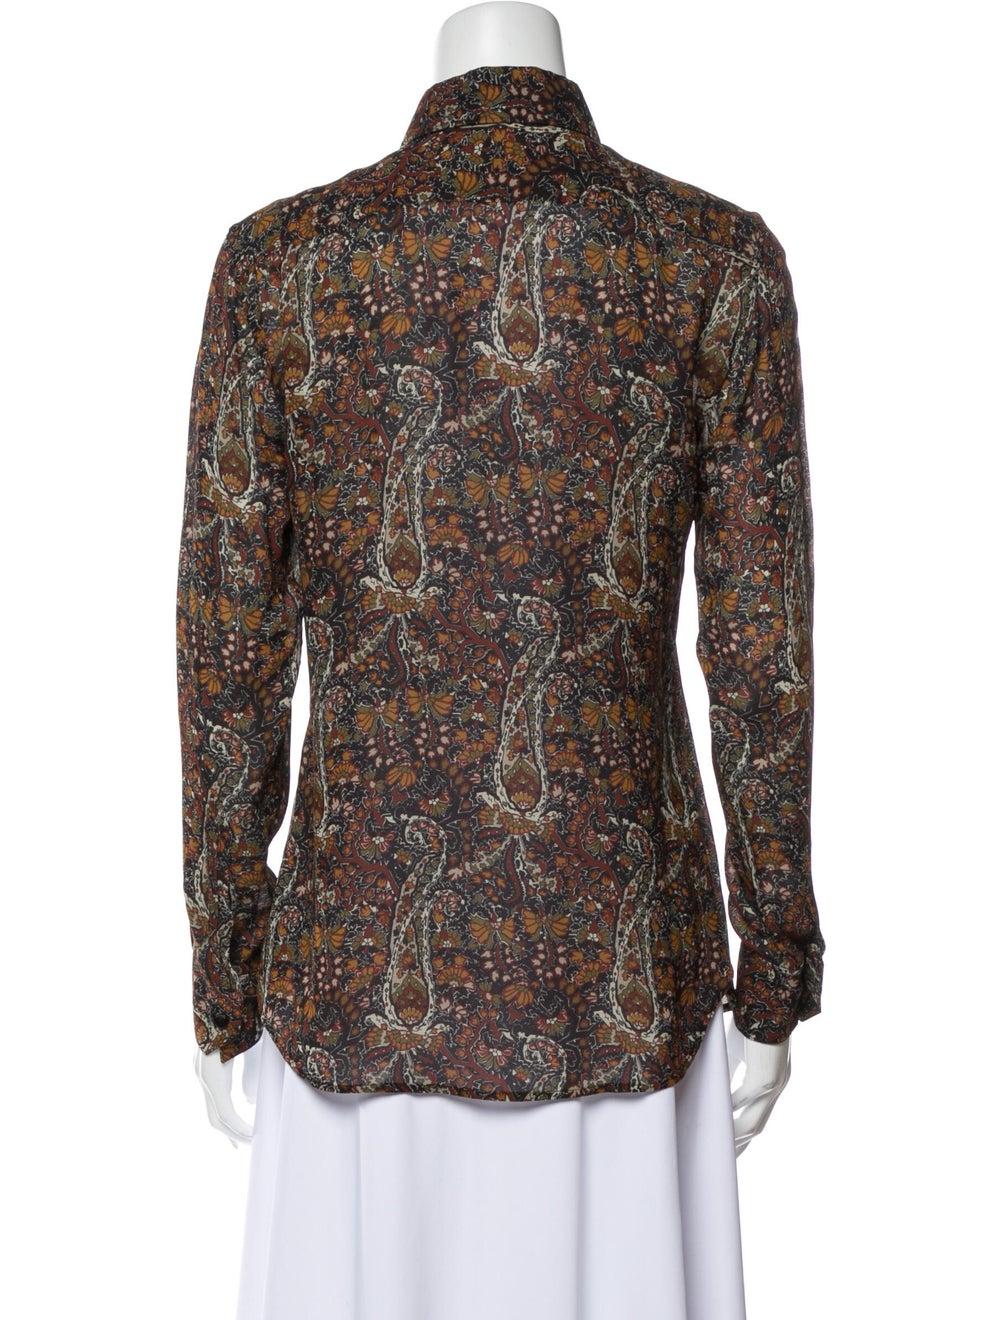 Saint Laurent Floral Print Long Sleeve Button-Up … - image 3